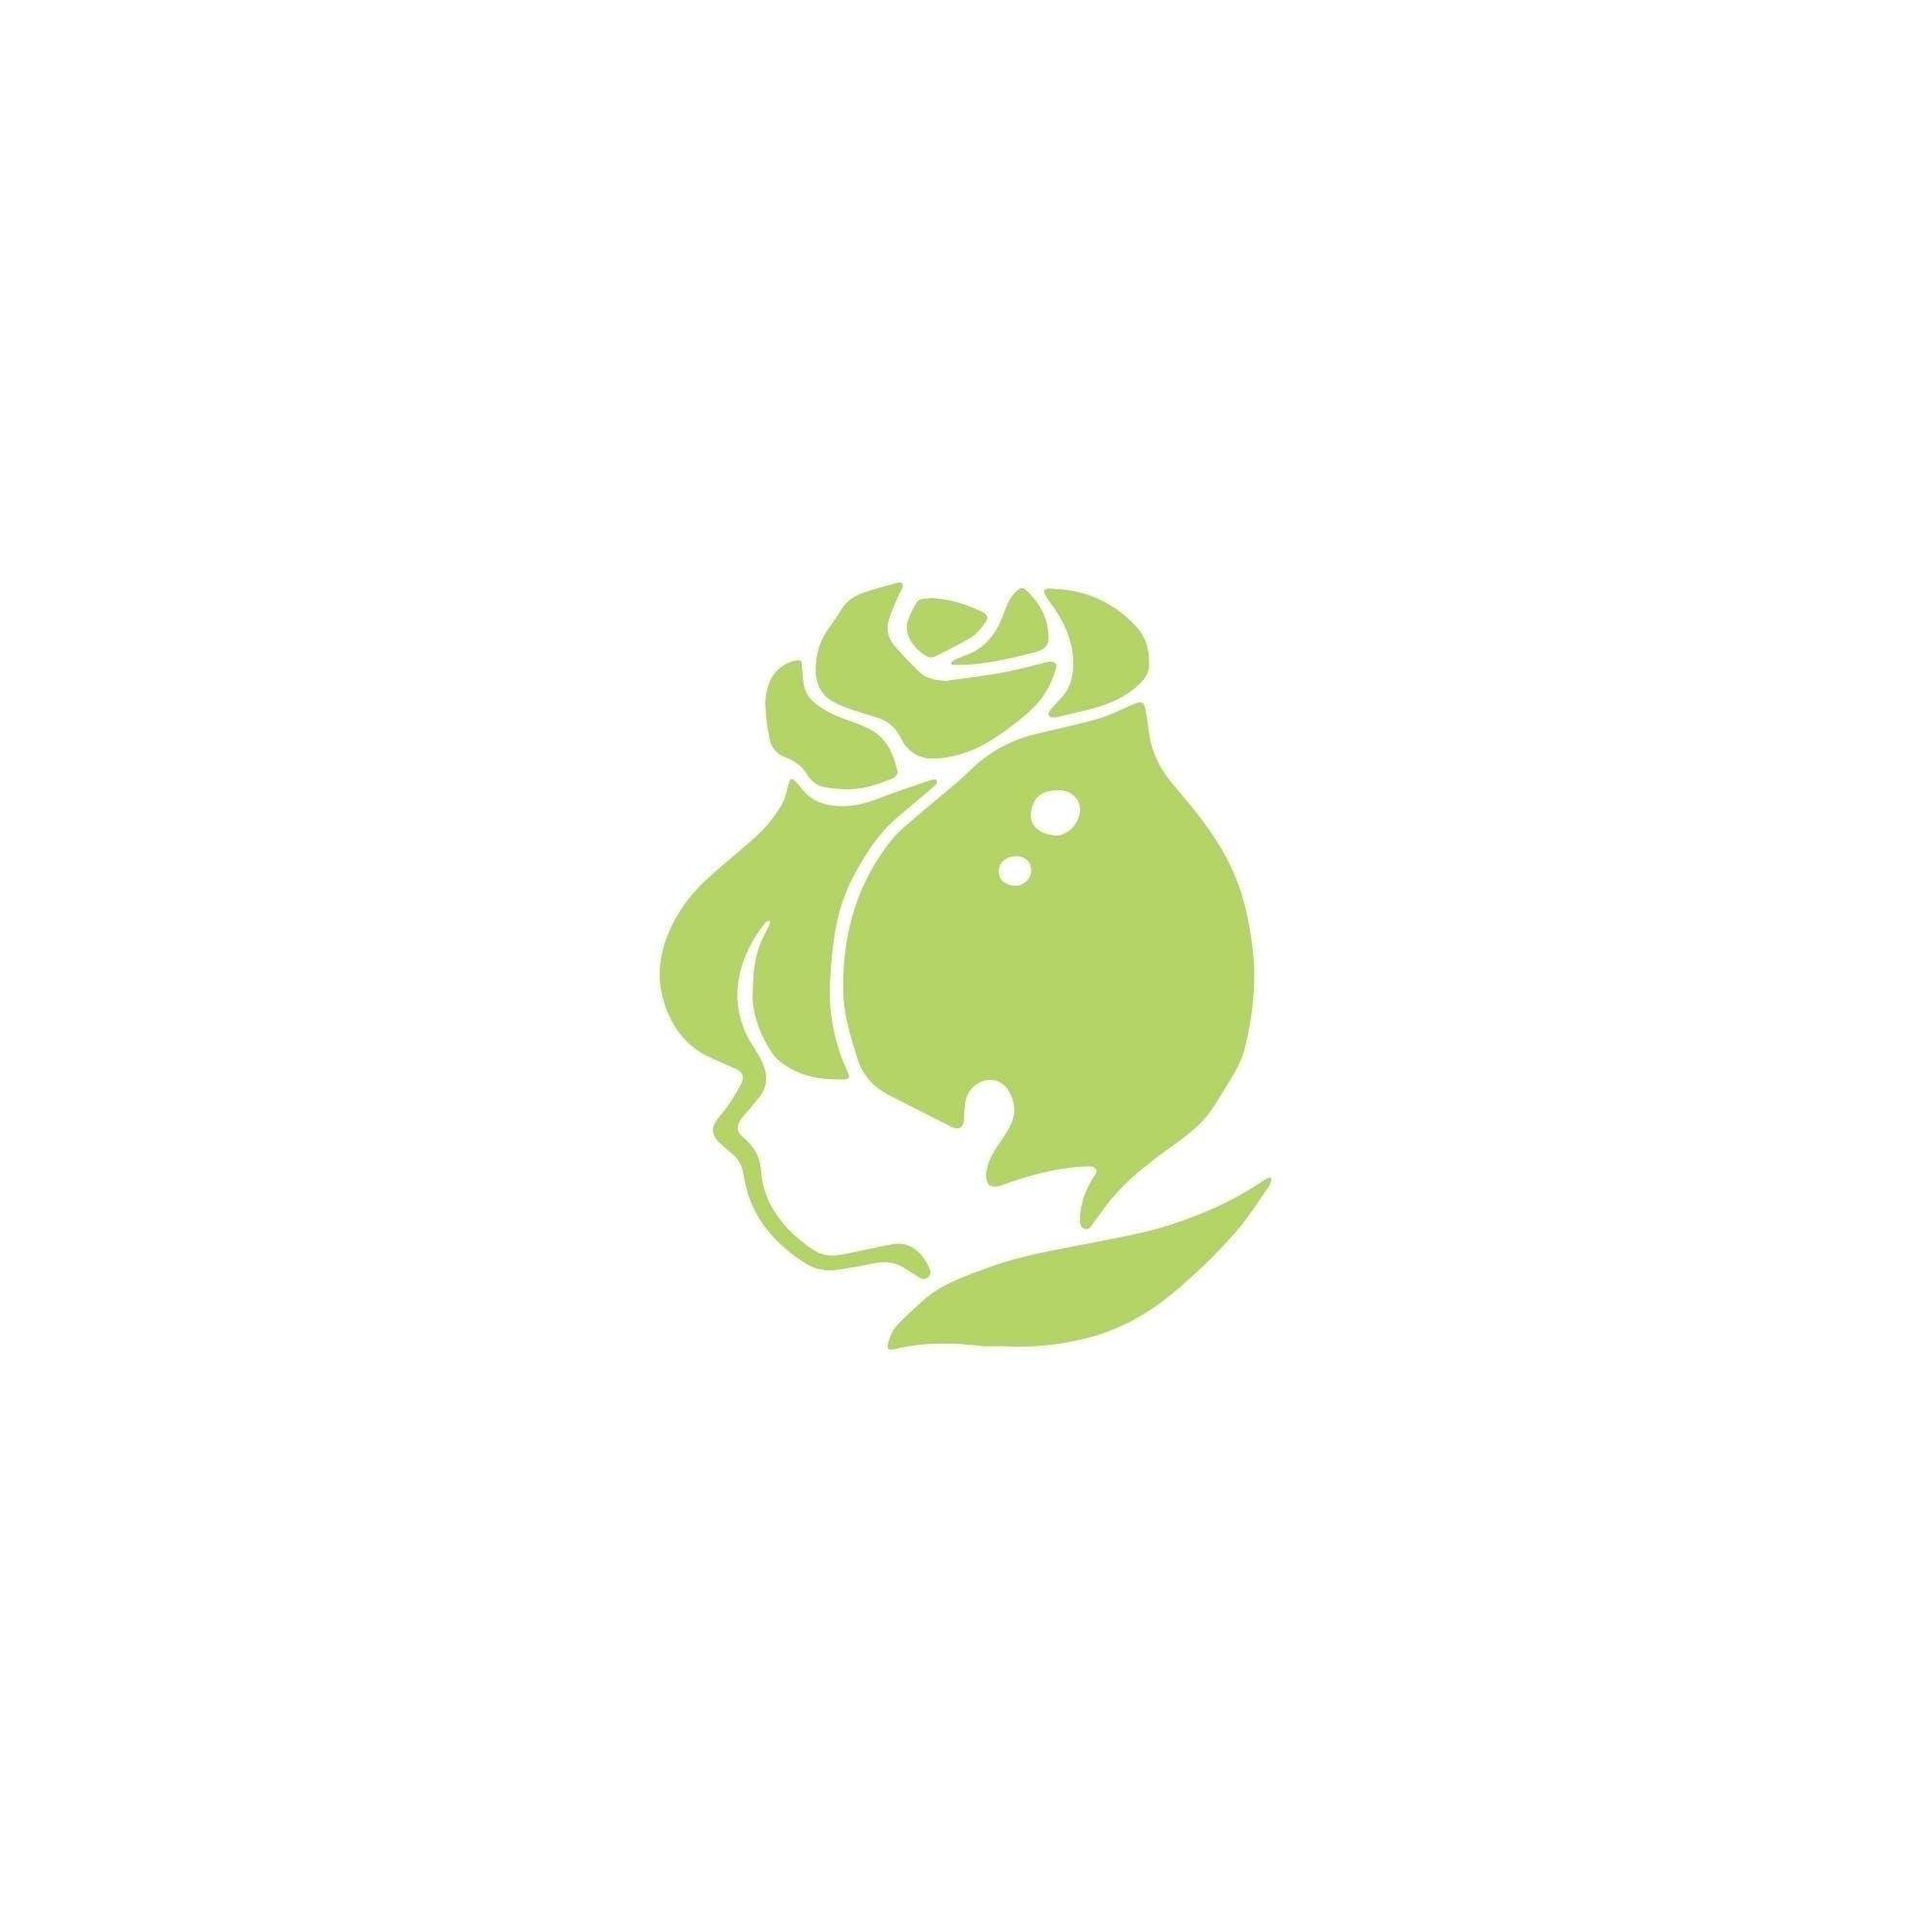 ロゴ完成版 180916 0023